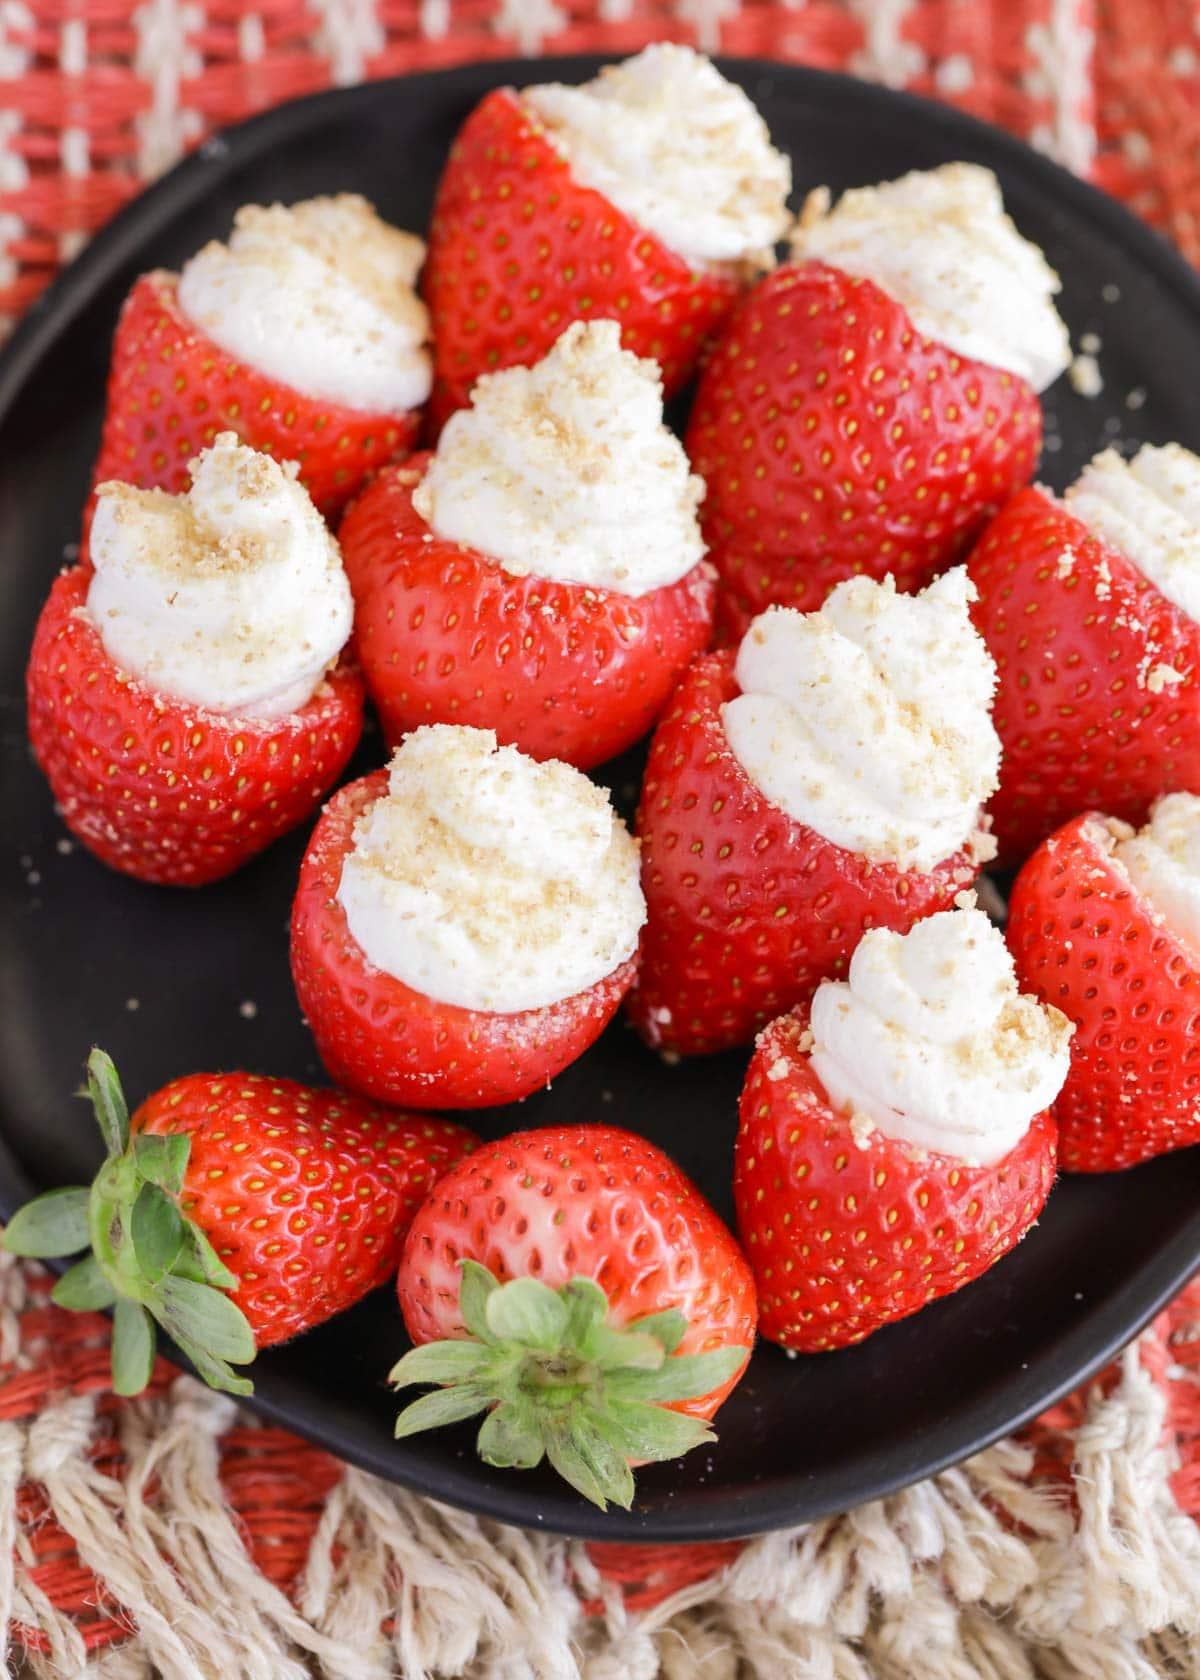 A plate full of cheesecake stuffed strawberries